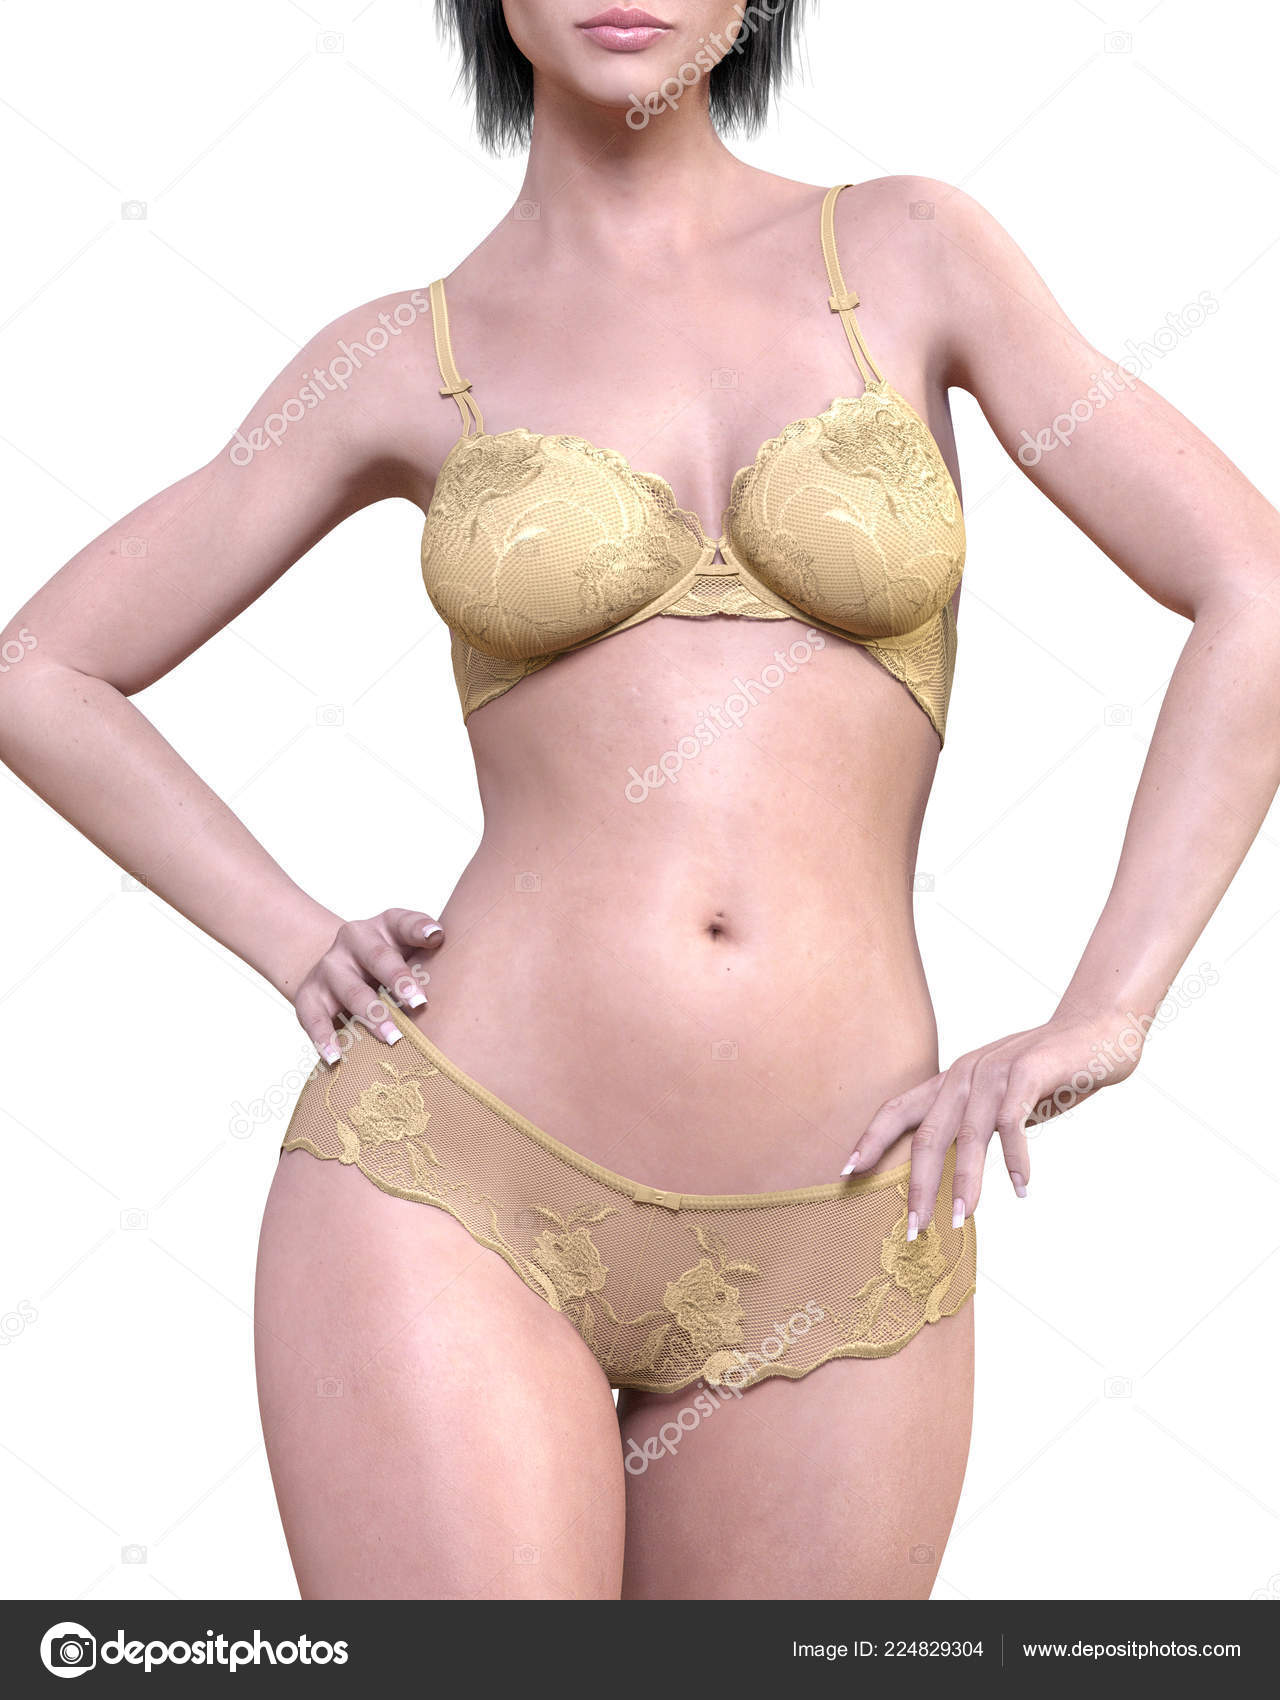 66f688f79f8 Jeune fille en sous-vêtements de dentelle. Culotte transparente et  soutien-gorge. Art de la mode extravagante. Femme debout candid  provocatrice pose sexy.